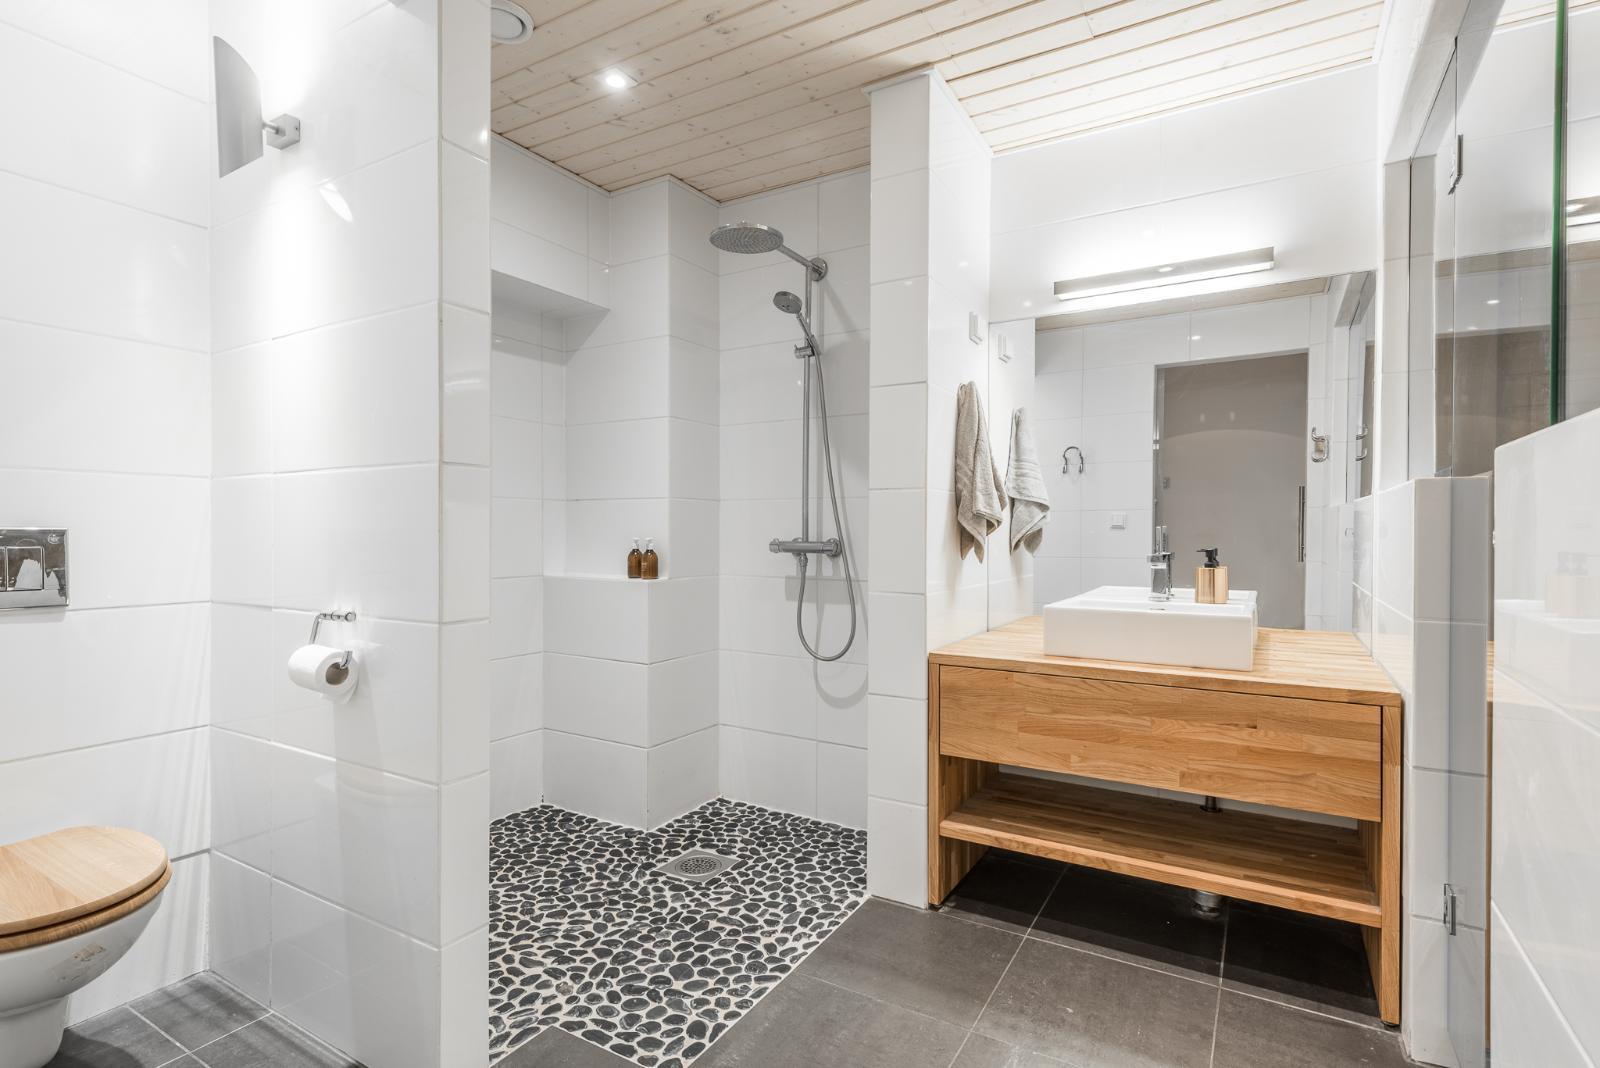 Puuta ja kiveä kylpyhuoneessa  Etuovi com Ideat & vinkit